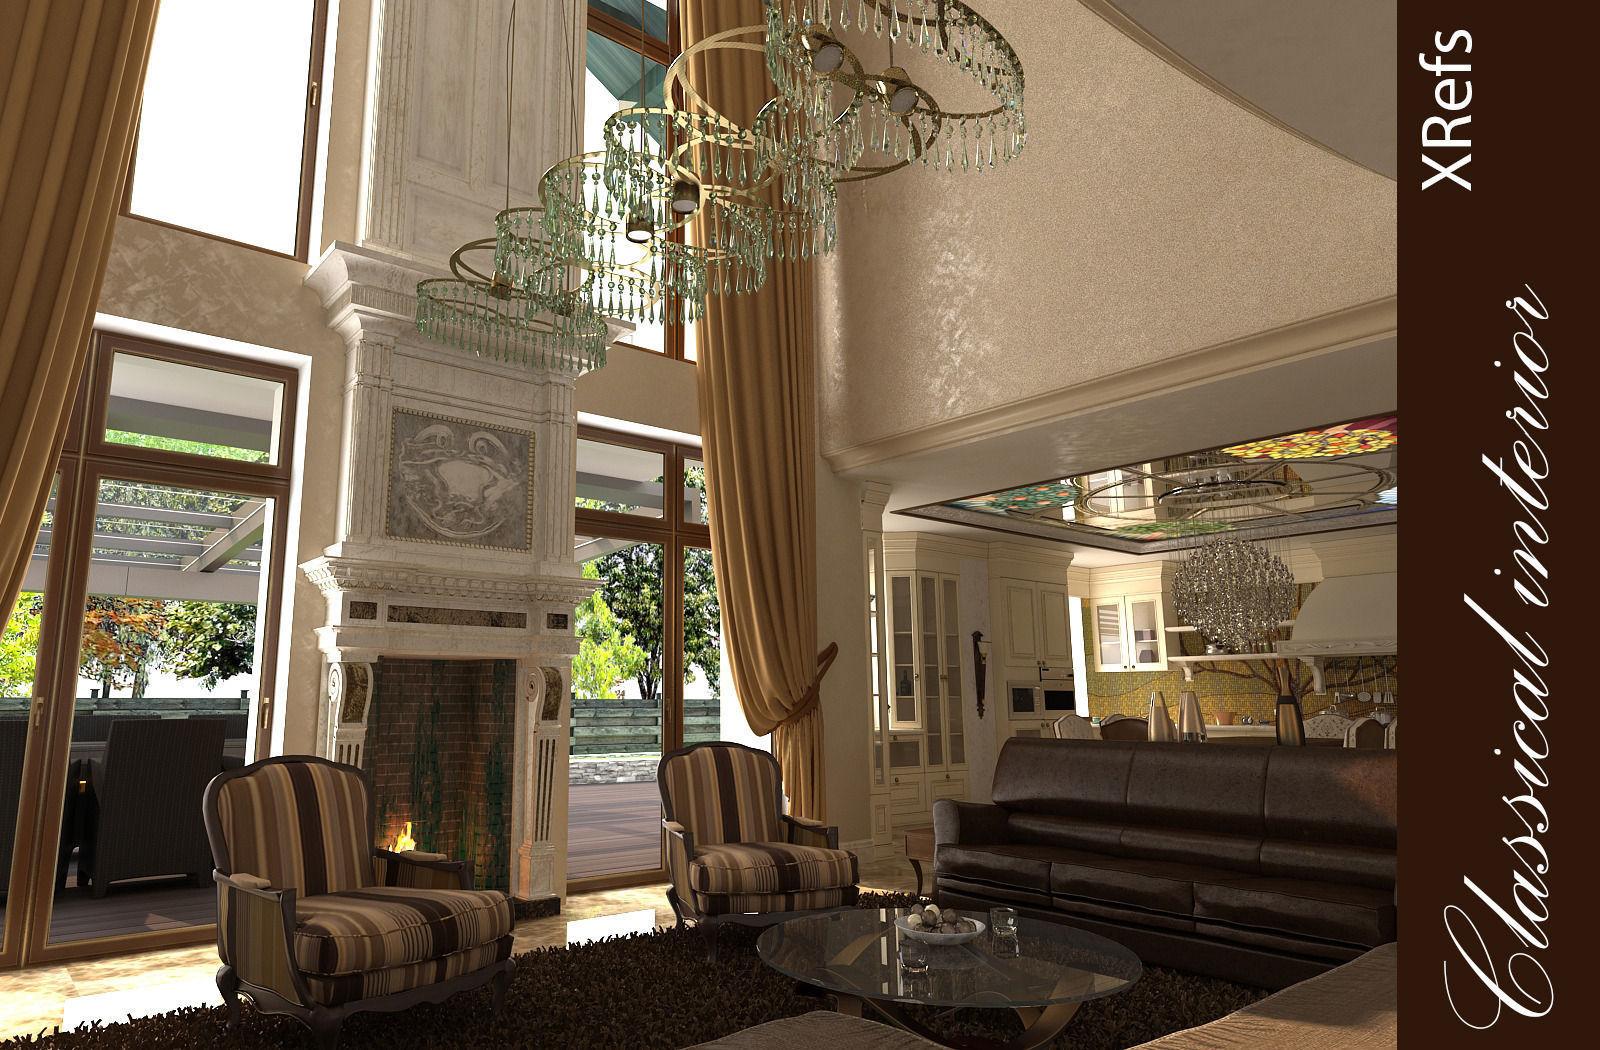 ... Classic Interior House 3d Model Max 8 ...